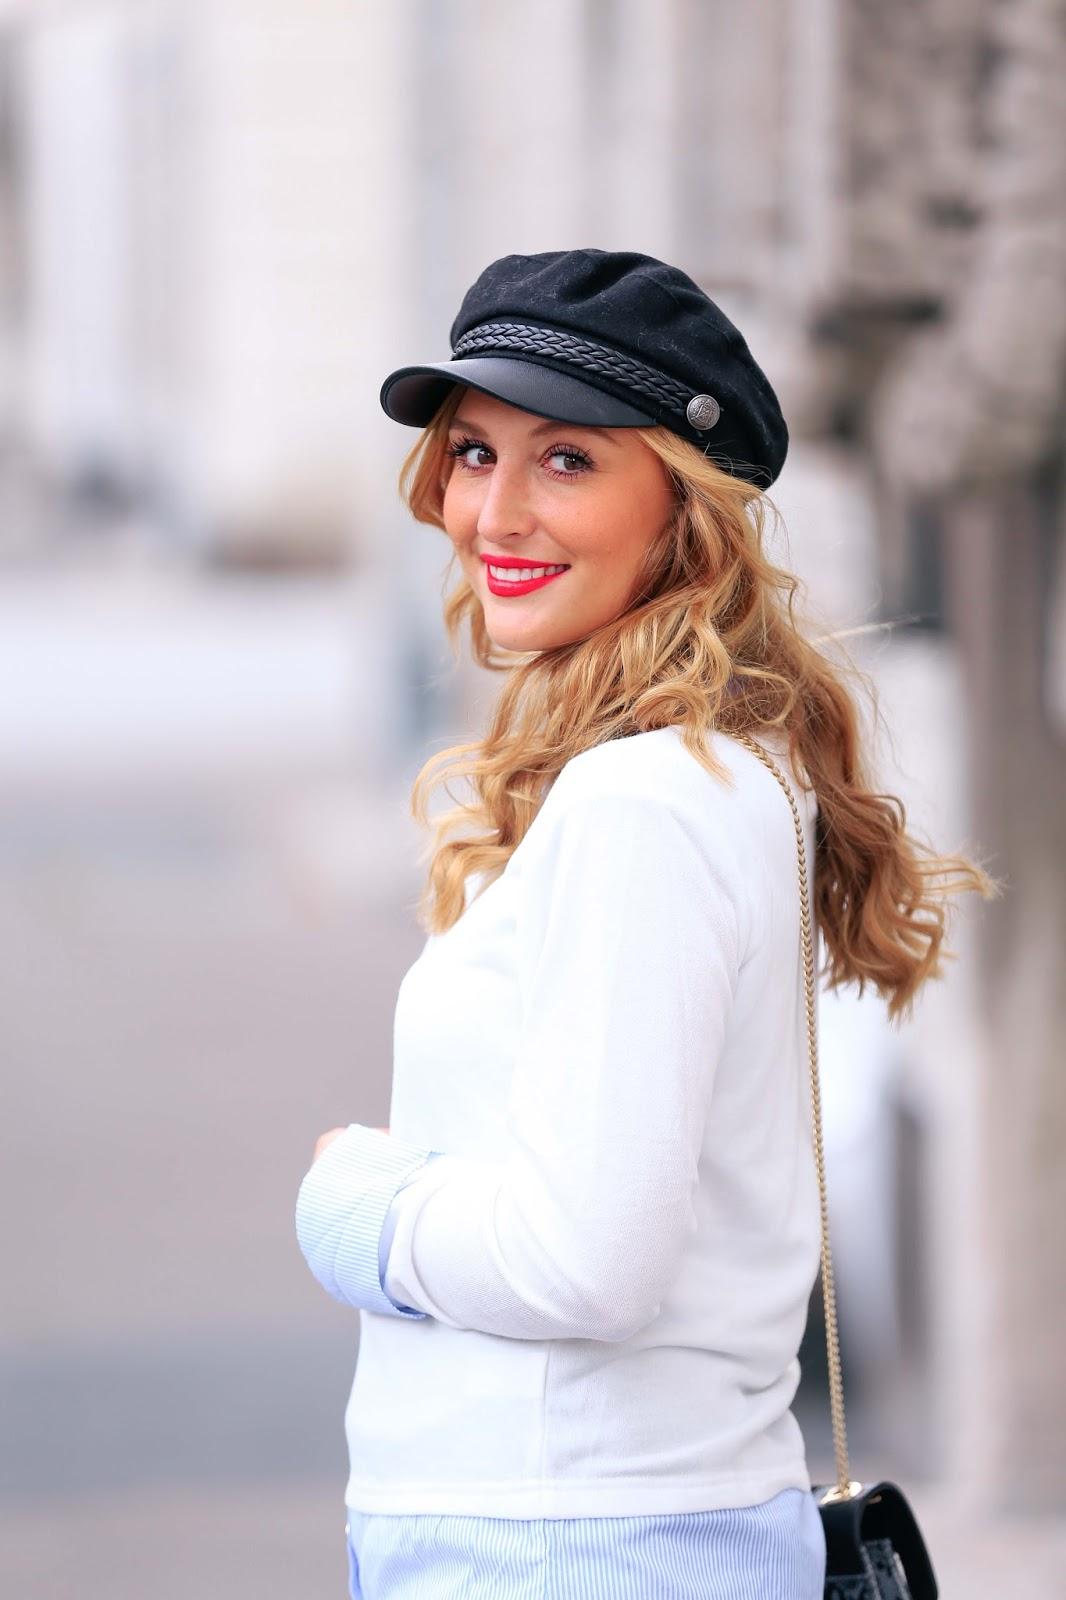 Paris-fashionweek-streetstylelook-pariser-outfit-blogger-aus-deutschland